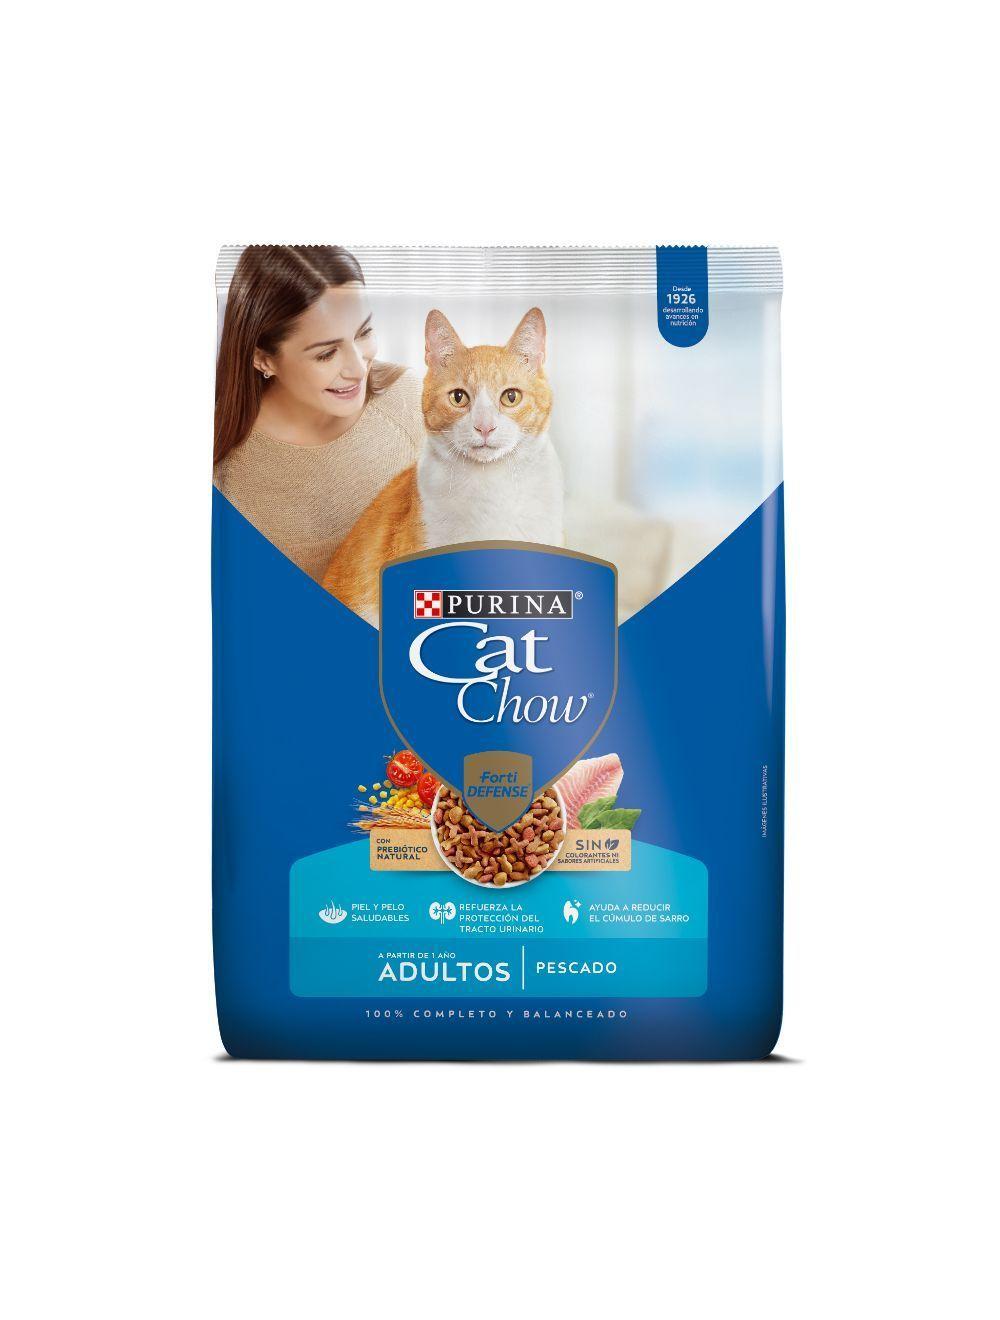 Comida Purina Cat Chow Adultos - Ciudaddemascotas.com